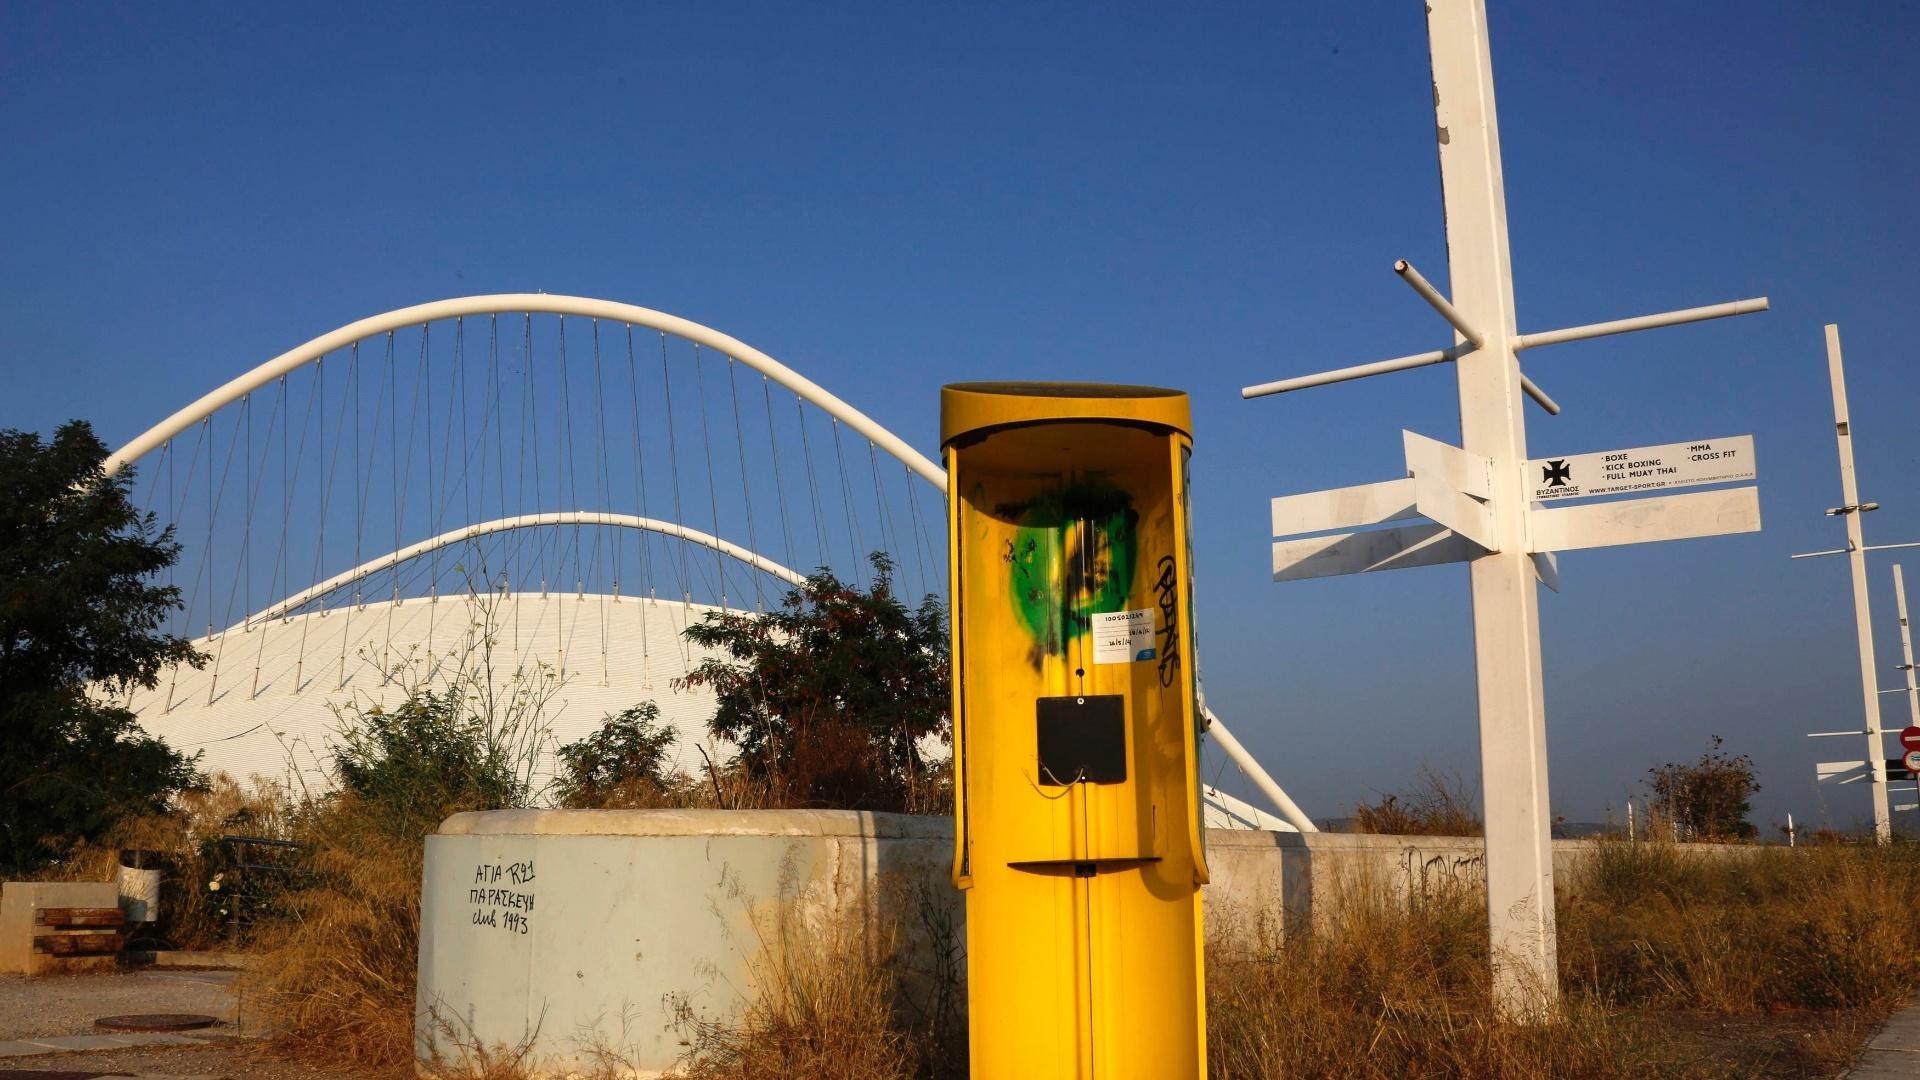 25.jul.2014 - Foto mostra telefone público no complexo olímpico de Atenas totalmente destruído 10 anos após a realização dos Jogos na capital grega